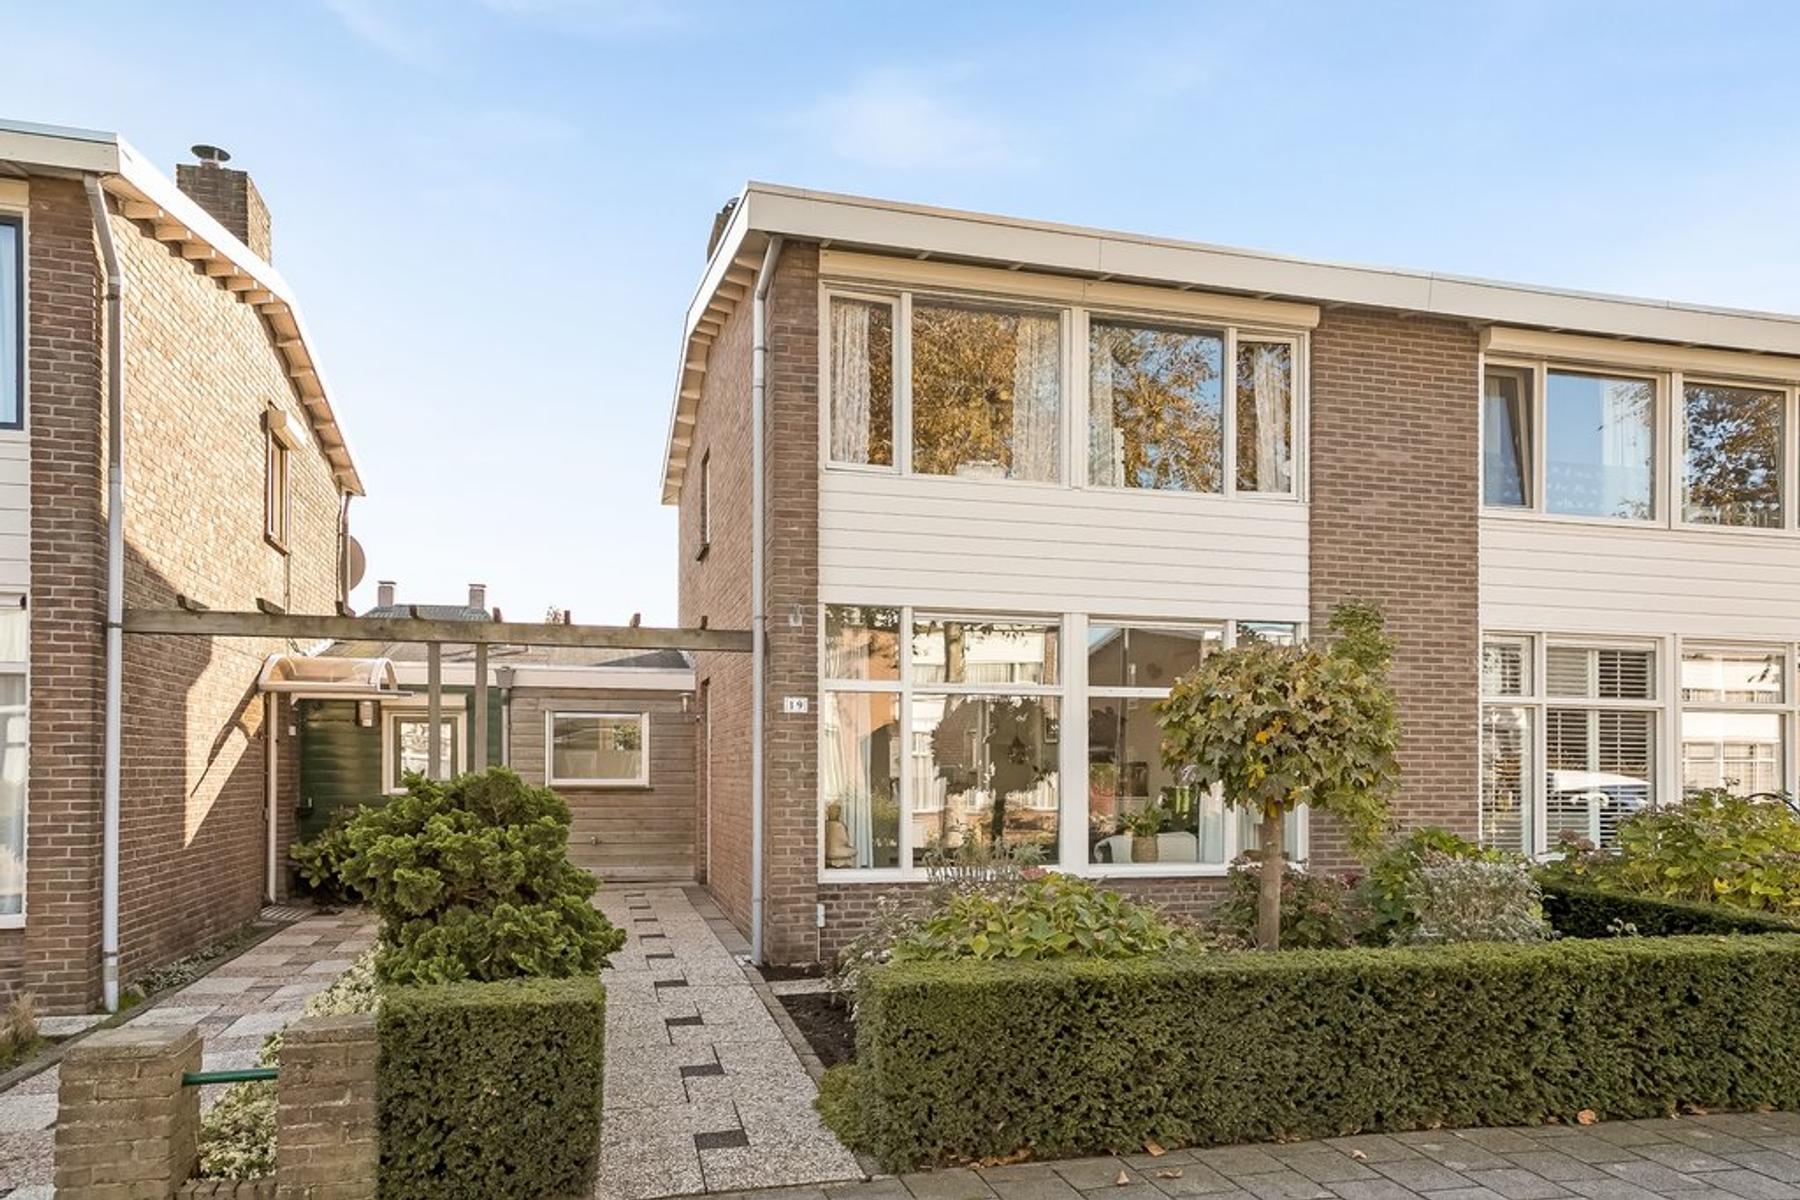 Korenbloemstraat 19 in Rosmalen 5241 BV